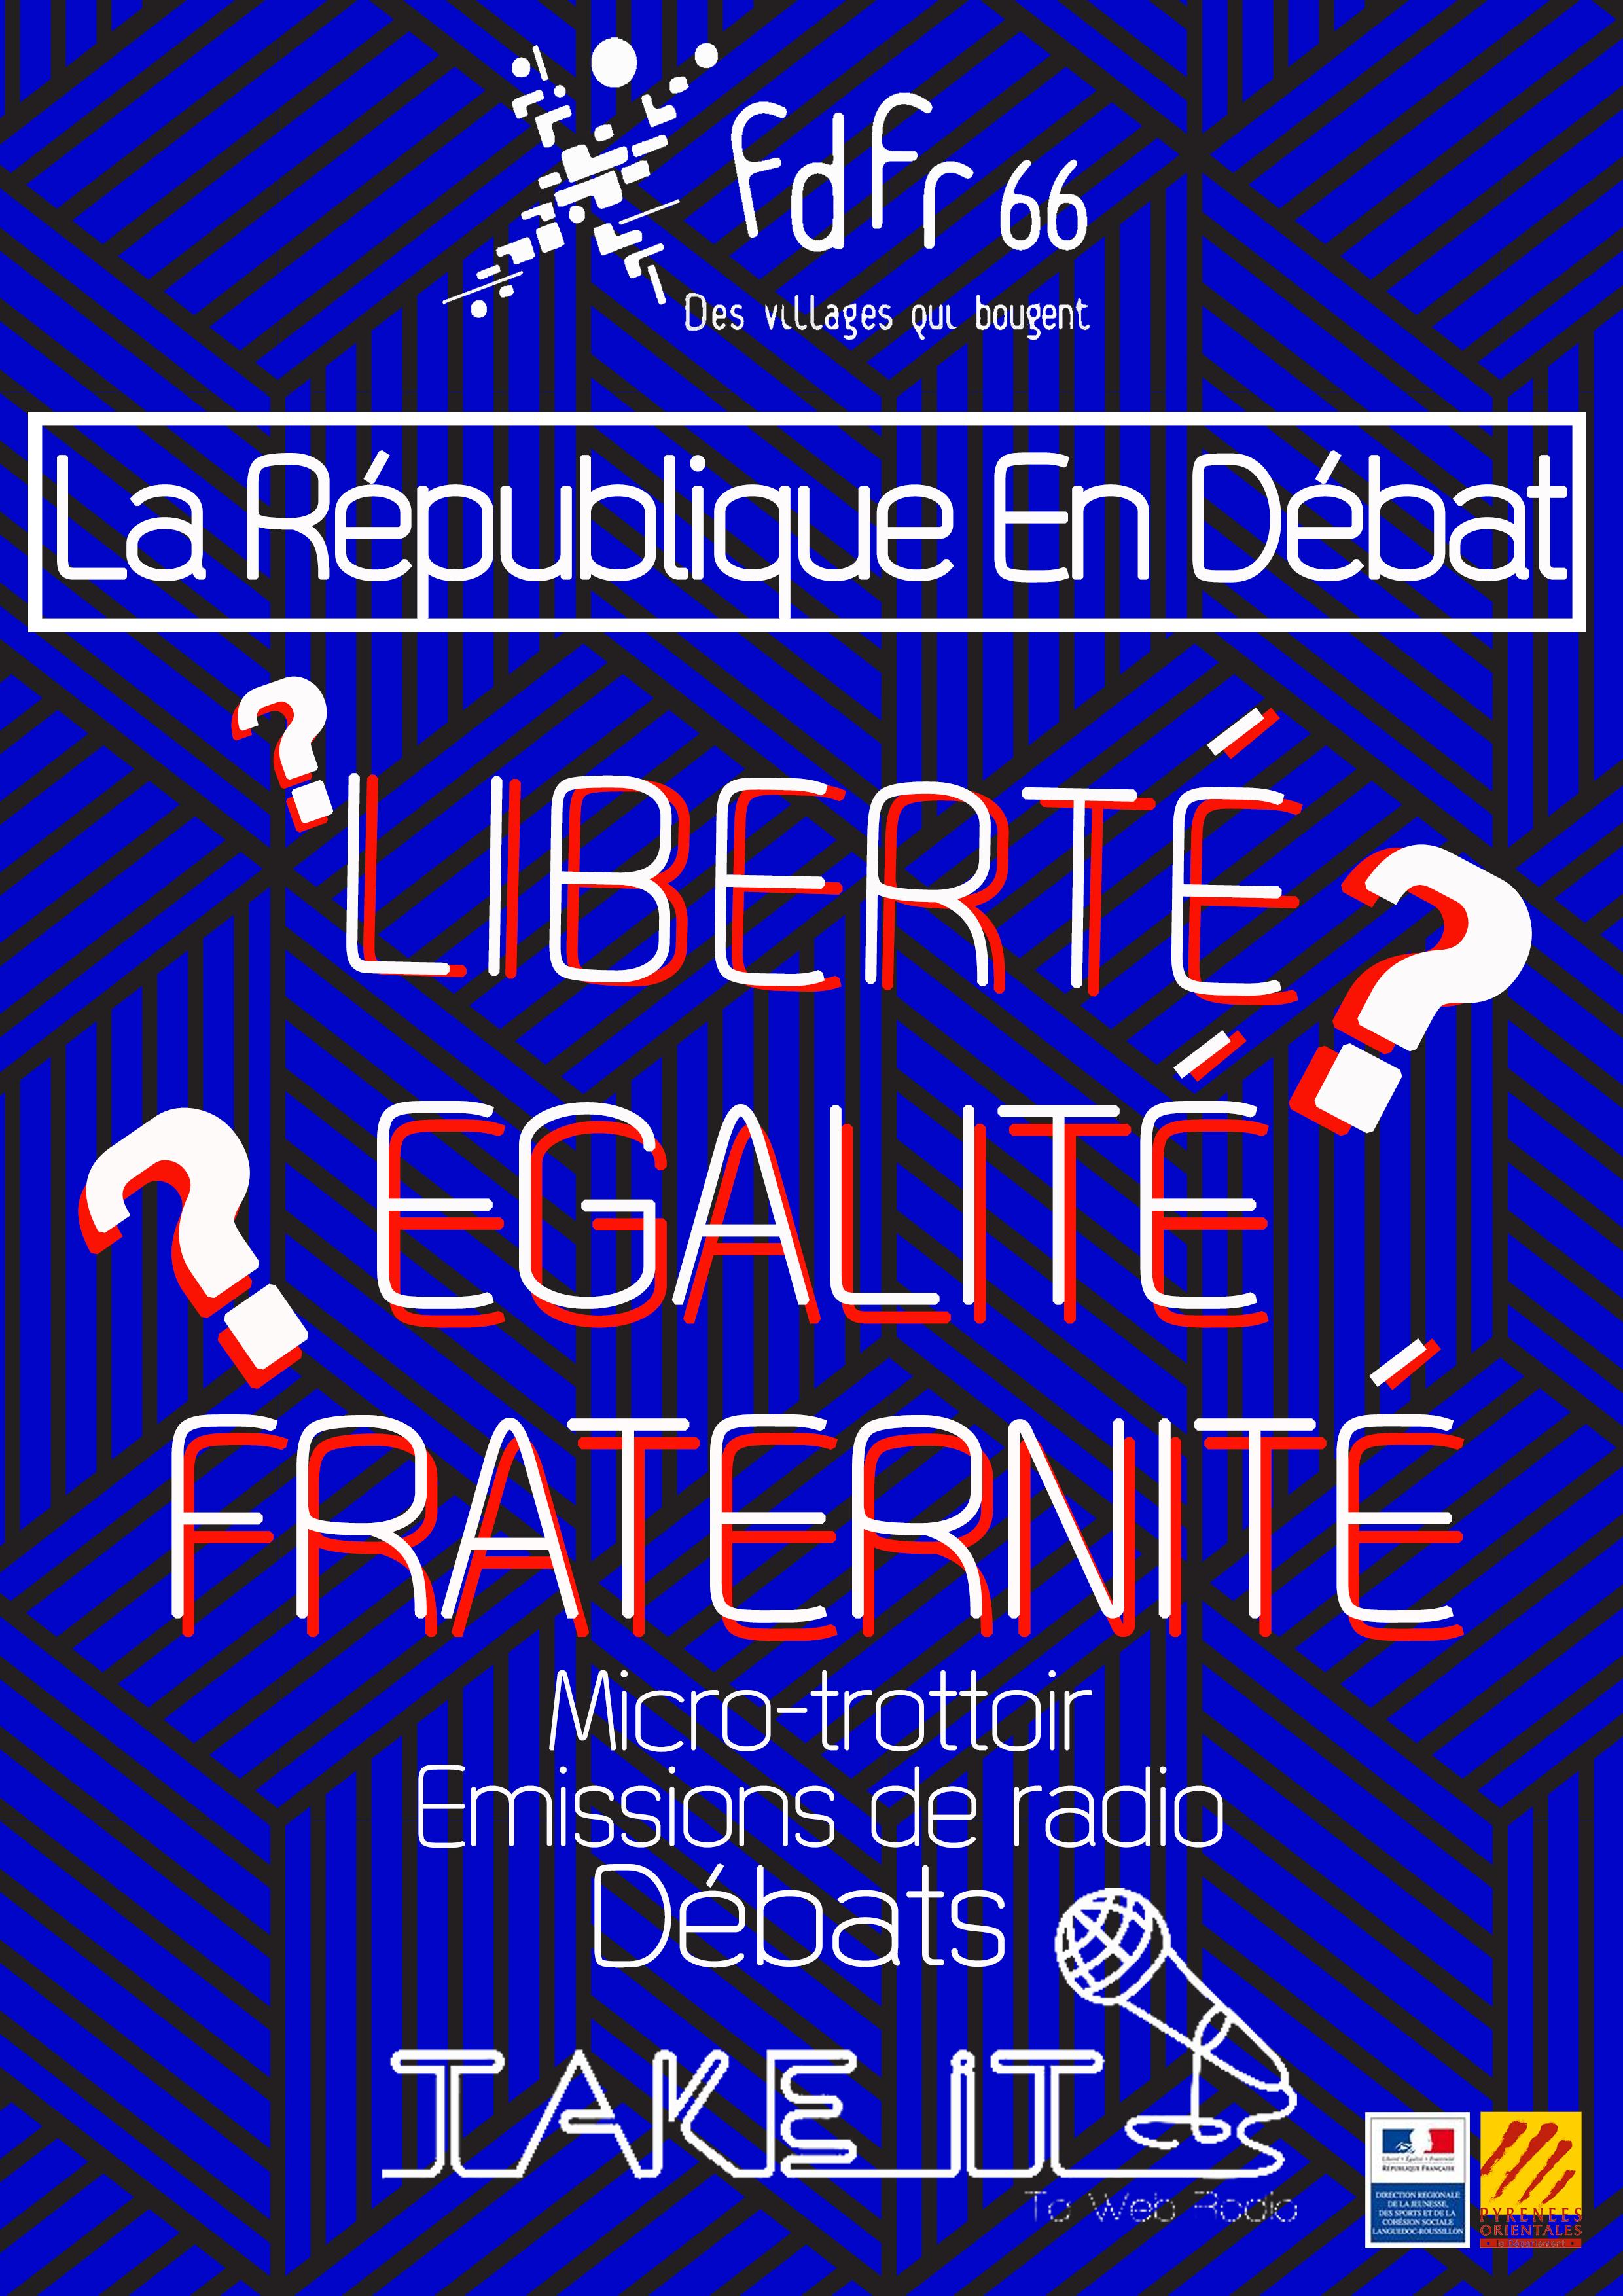 La République en débats Affiche A4 JPG -1